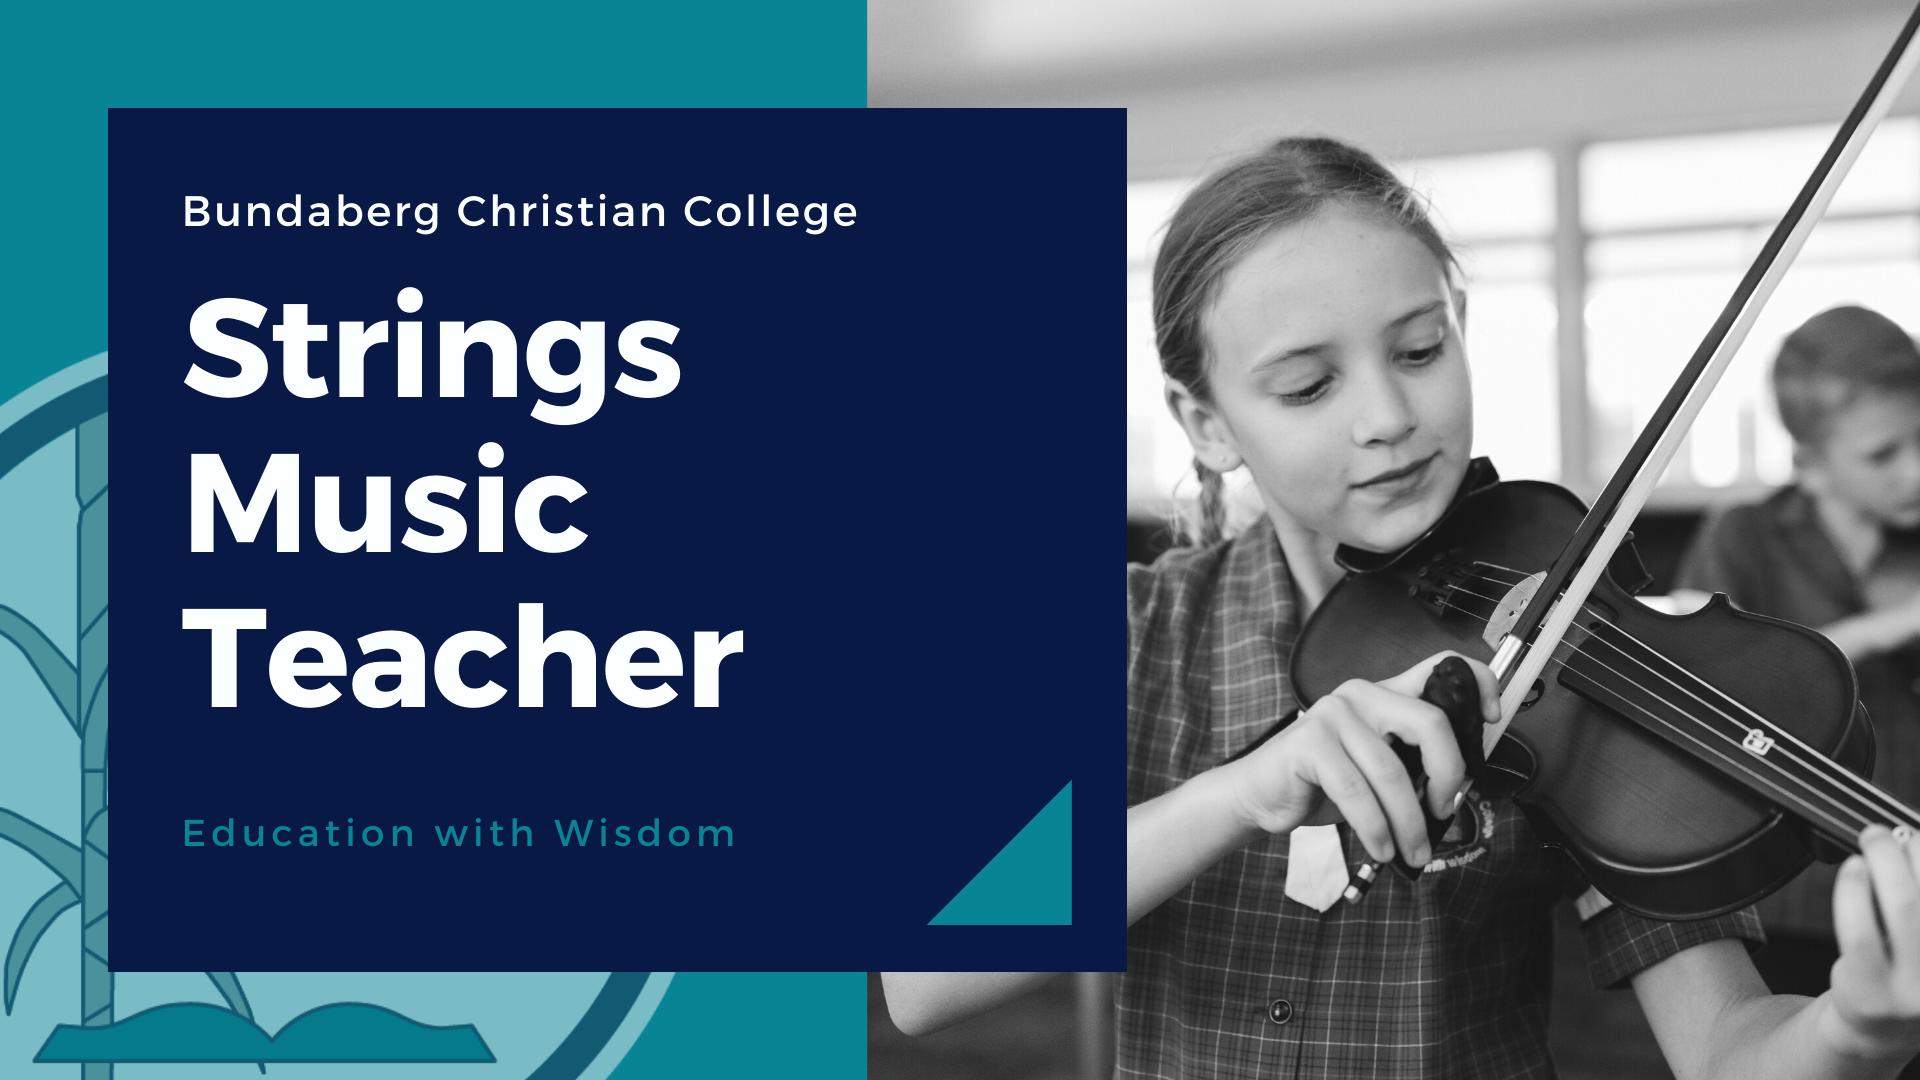 Strings Music Teacher